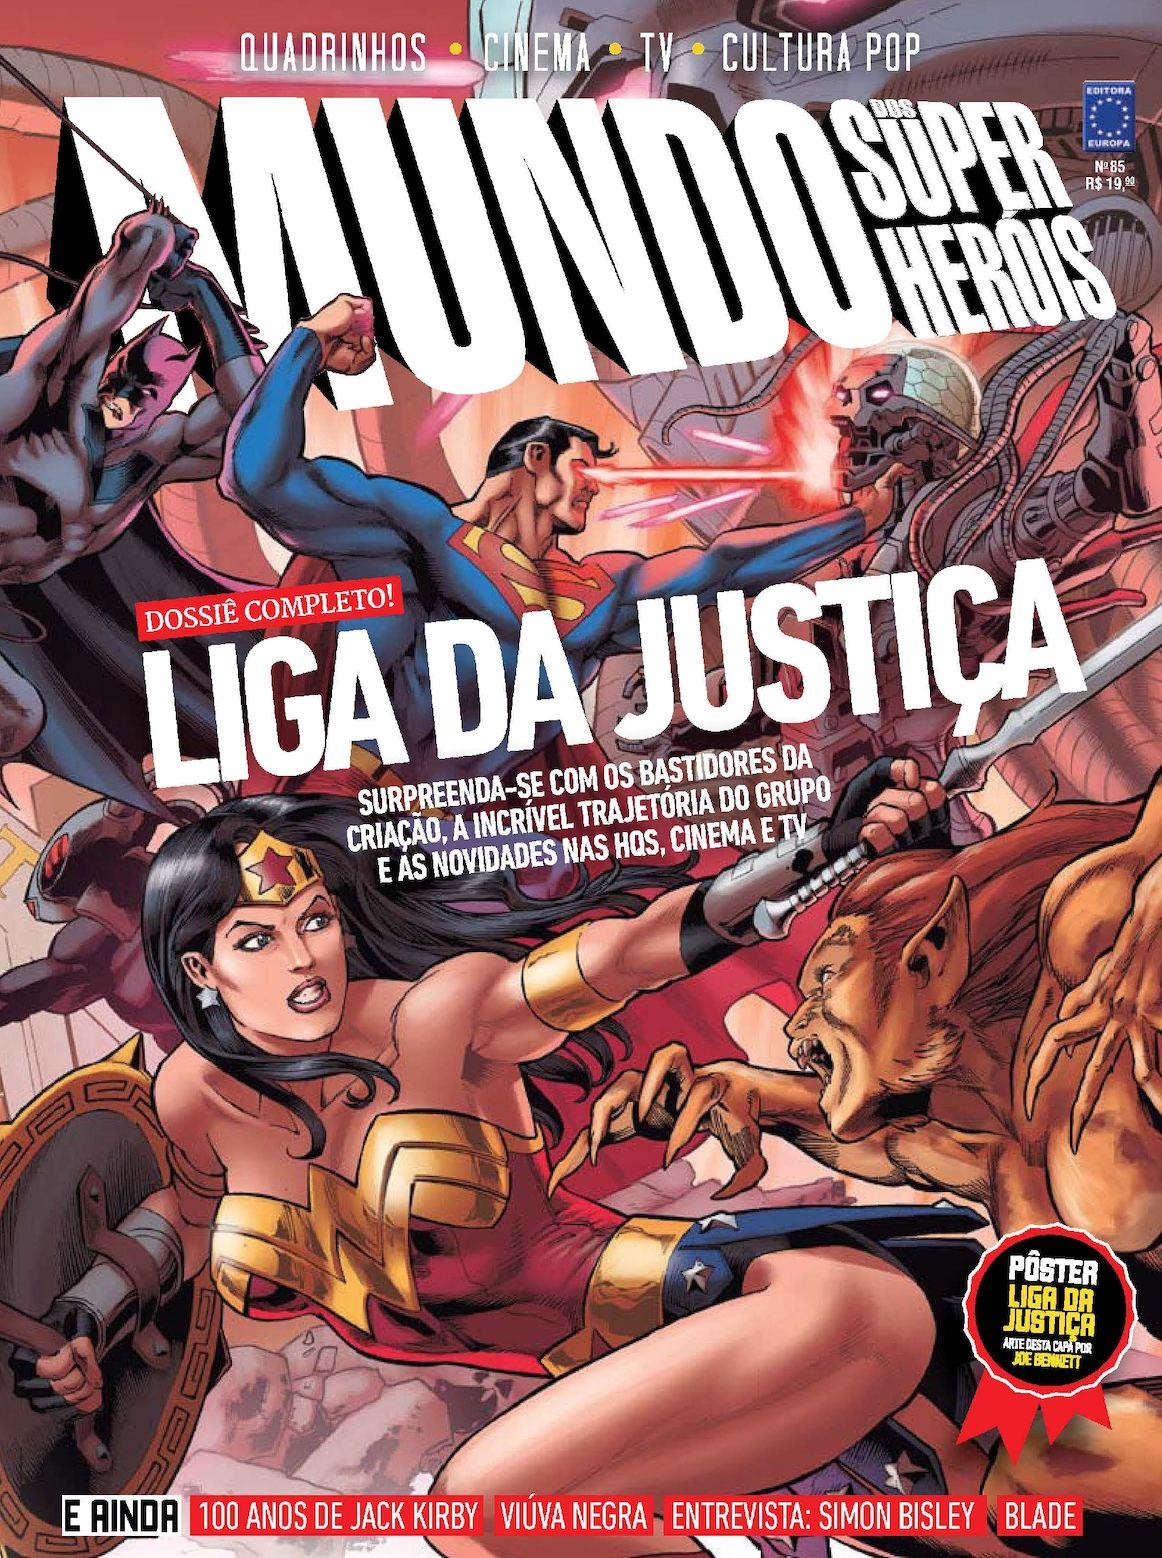 Revista Mundo dos Super Heróis │Edição 85 │Janeiro 2017